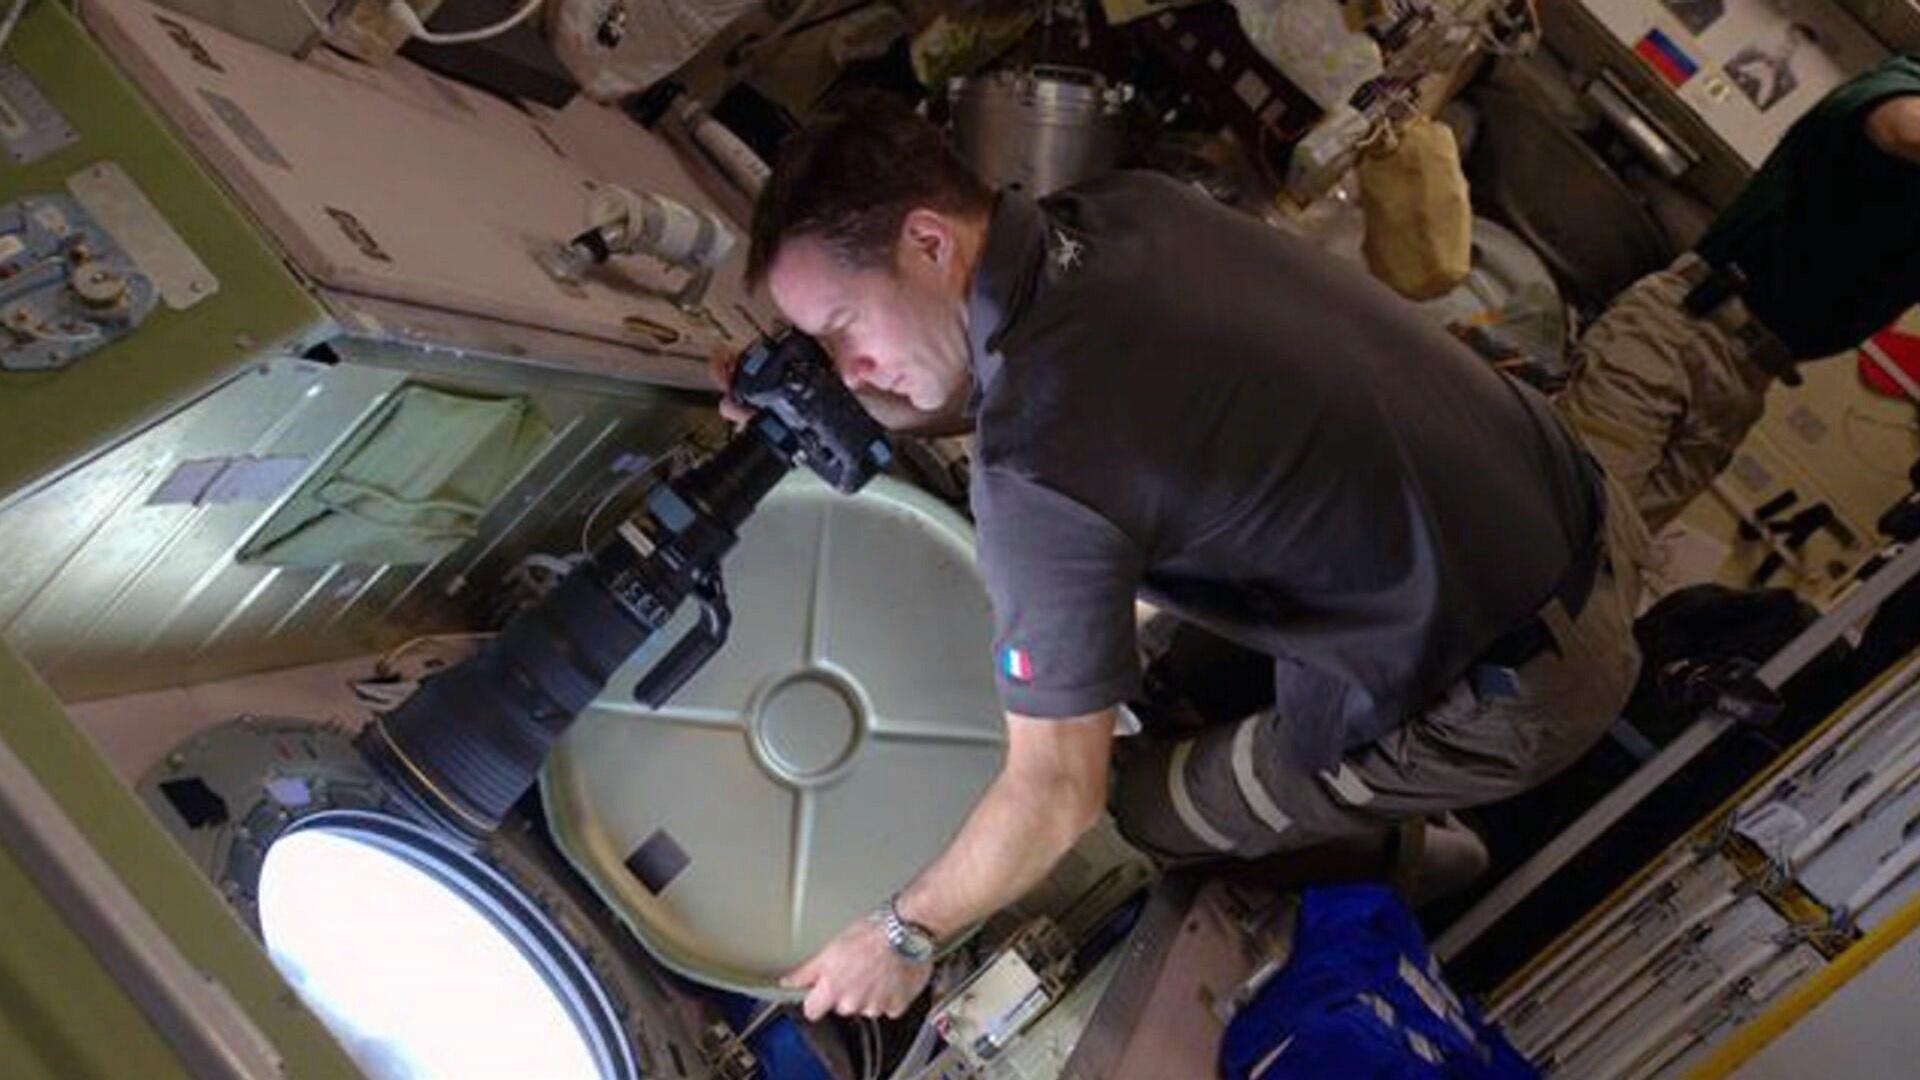 Francouz Thomas Pesquet se do vesmíru podíval před čtyřmi lety. Letos se musel nechat naočkovat proti covidu, aby mohl na ISS odletět s lodí společnosti SpaceX.